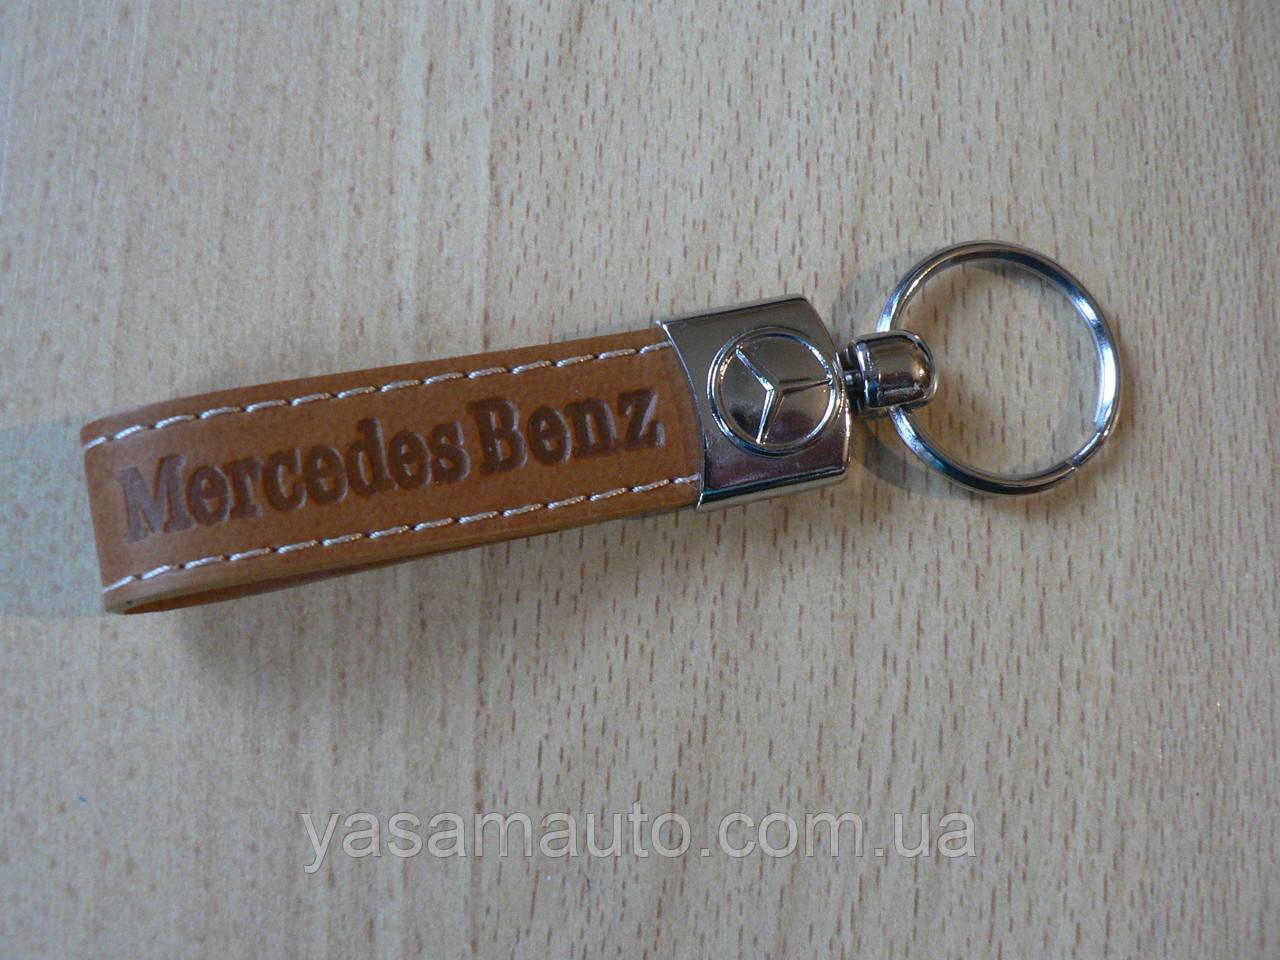 Брелок хлястик Mercedes Benz 110мм логотип эмблема Мерседес Бенц автомобильный на авто ключи